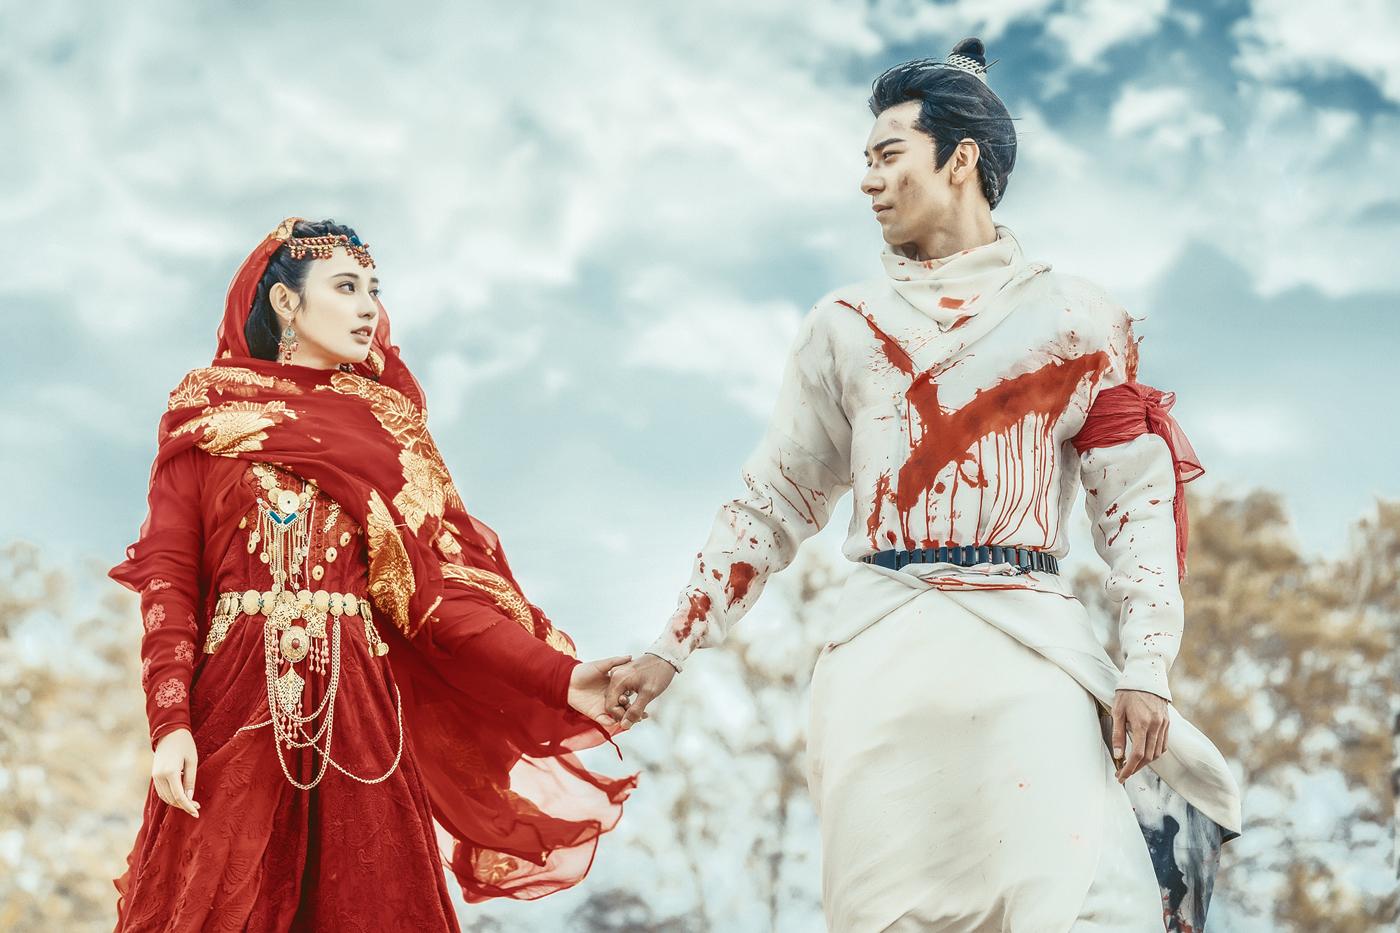 原创             红衣小枫换白衣也惊艳,彭小苒V领裙锁骨迷人,八千多酒瓶包抢镜